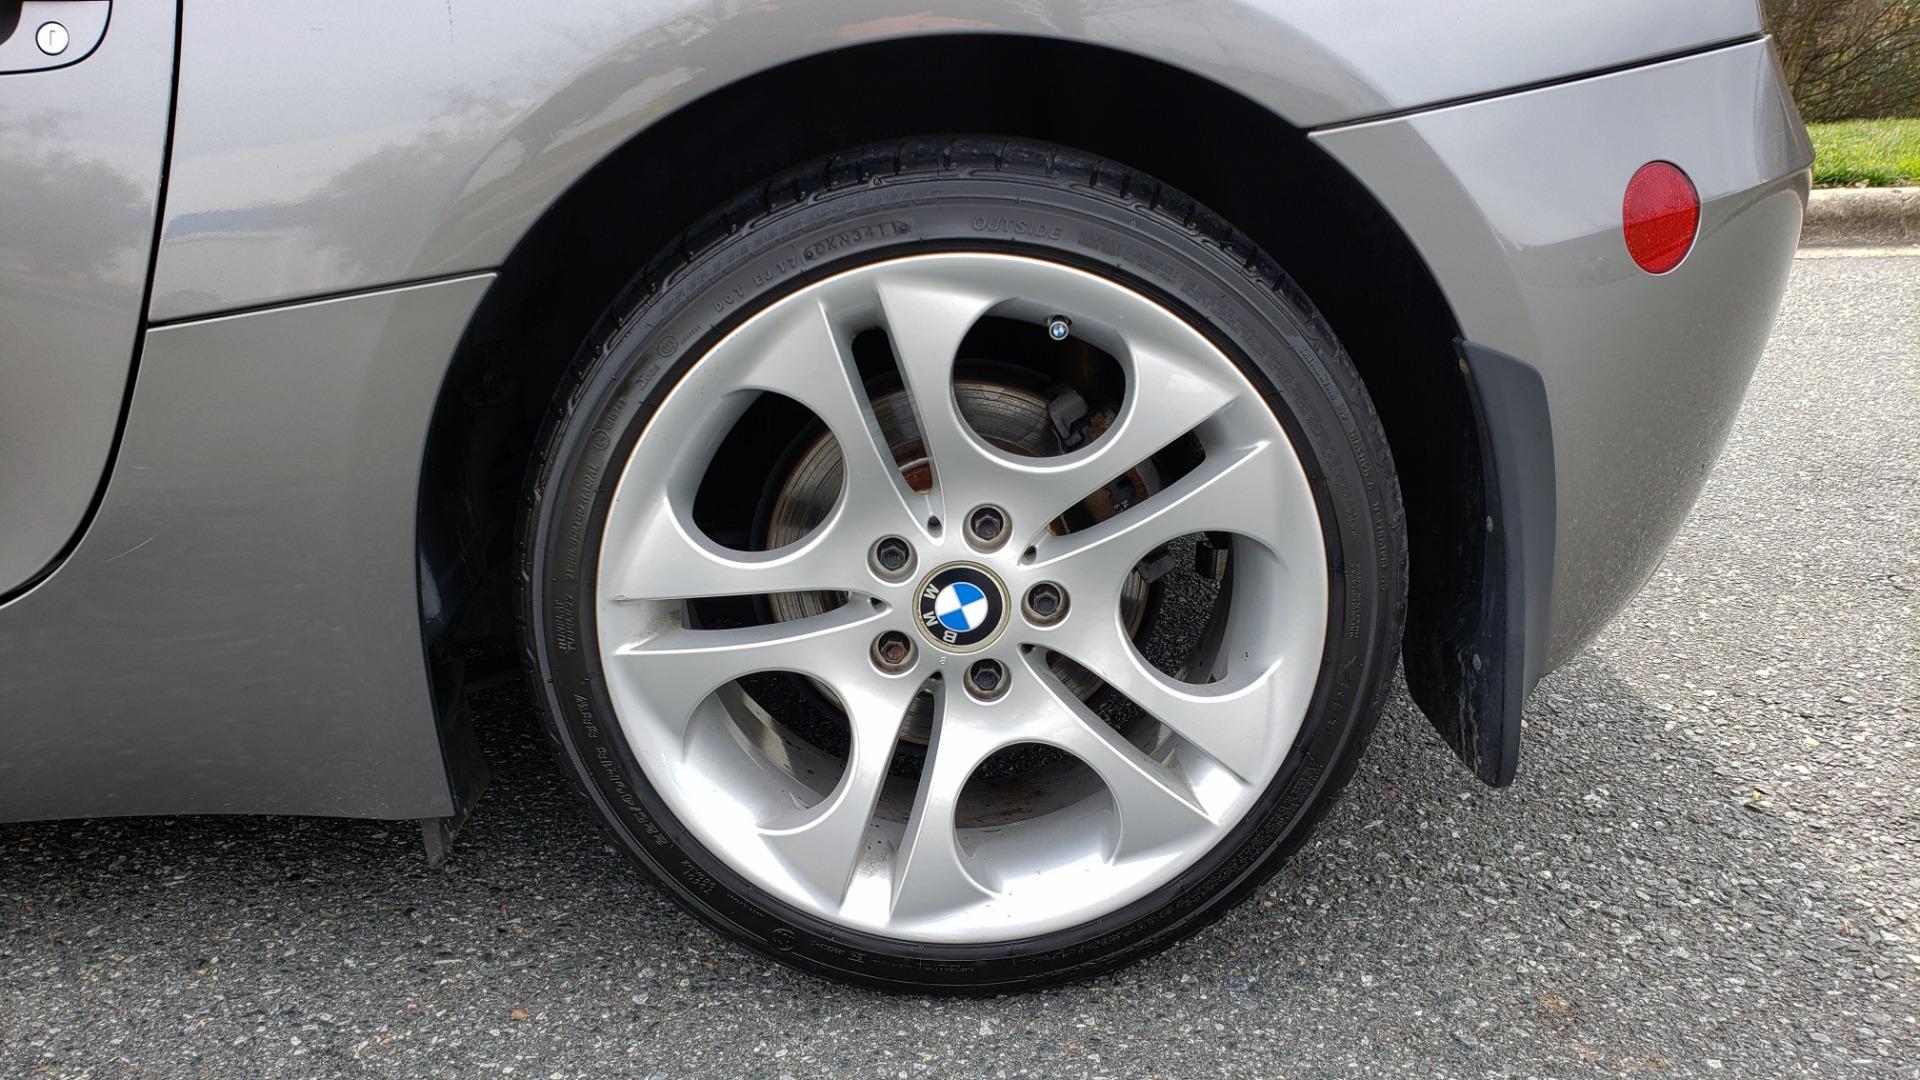 Used 2003 BMW Z4 3.0i ROADSTER / 6-SPD MAN / PREMIUM PKG / SPORT PKG / HTD STS for sale Sold at Formula Imports in Charlotte NC 28227 63